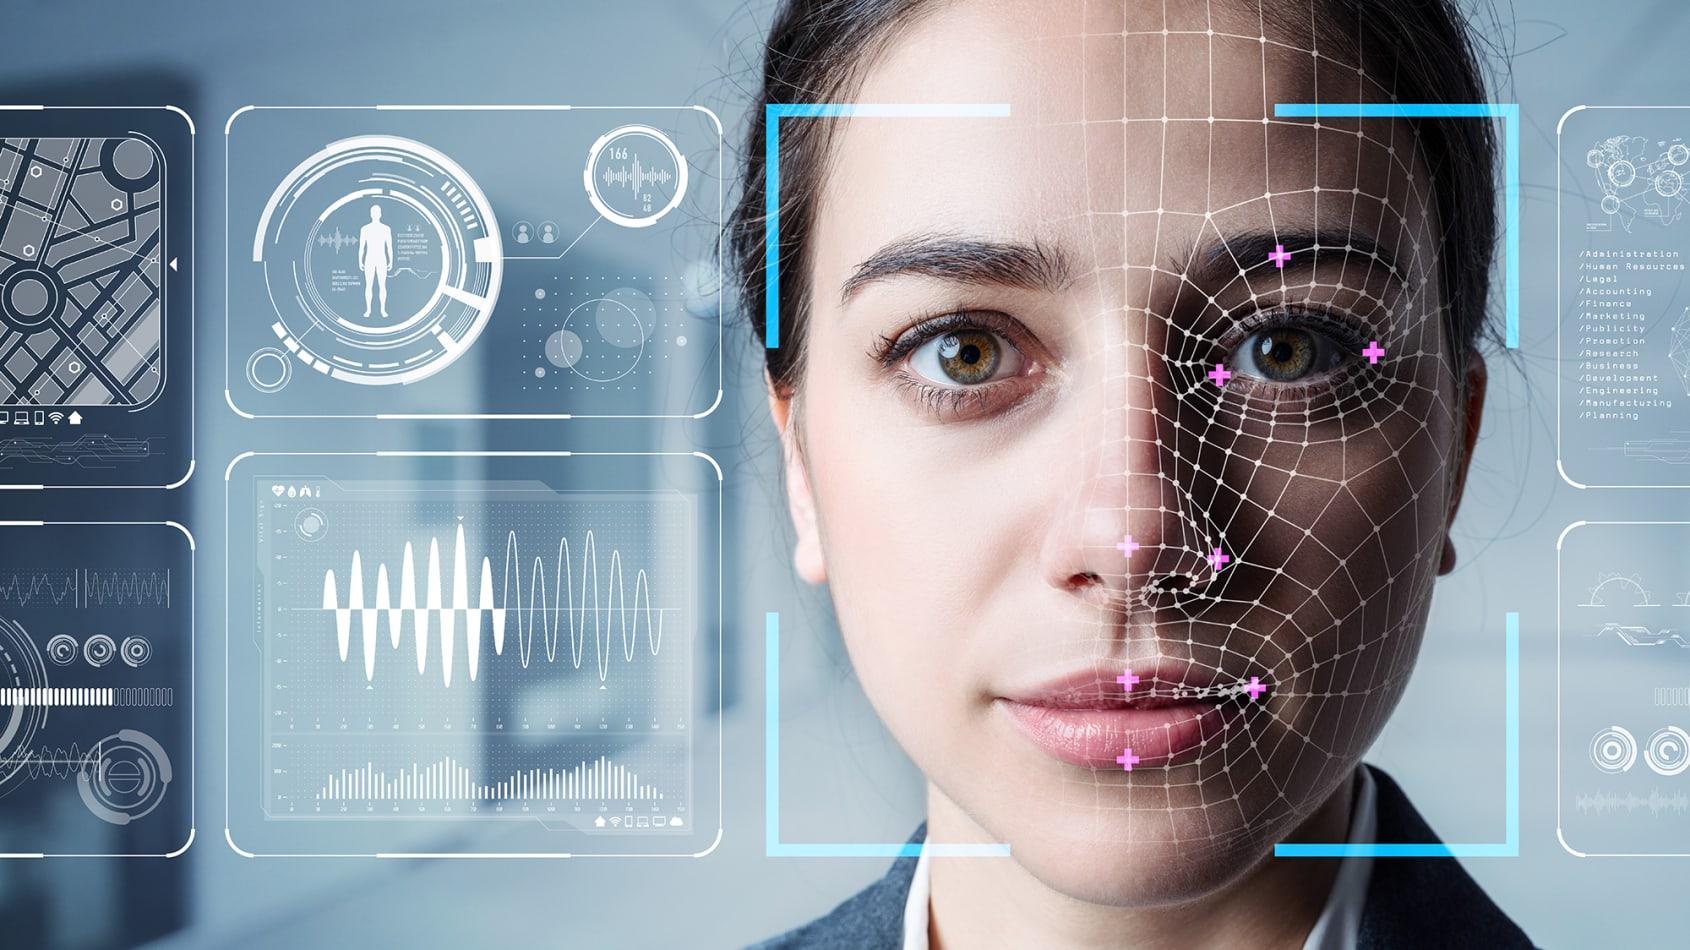 Banks & AI